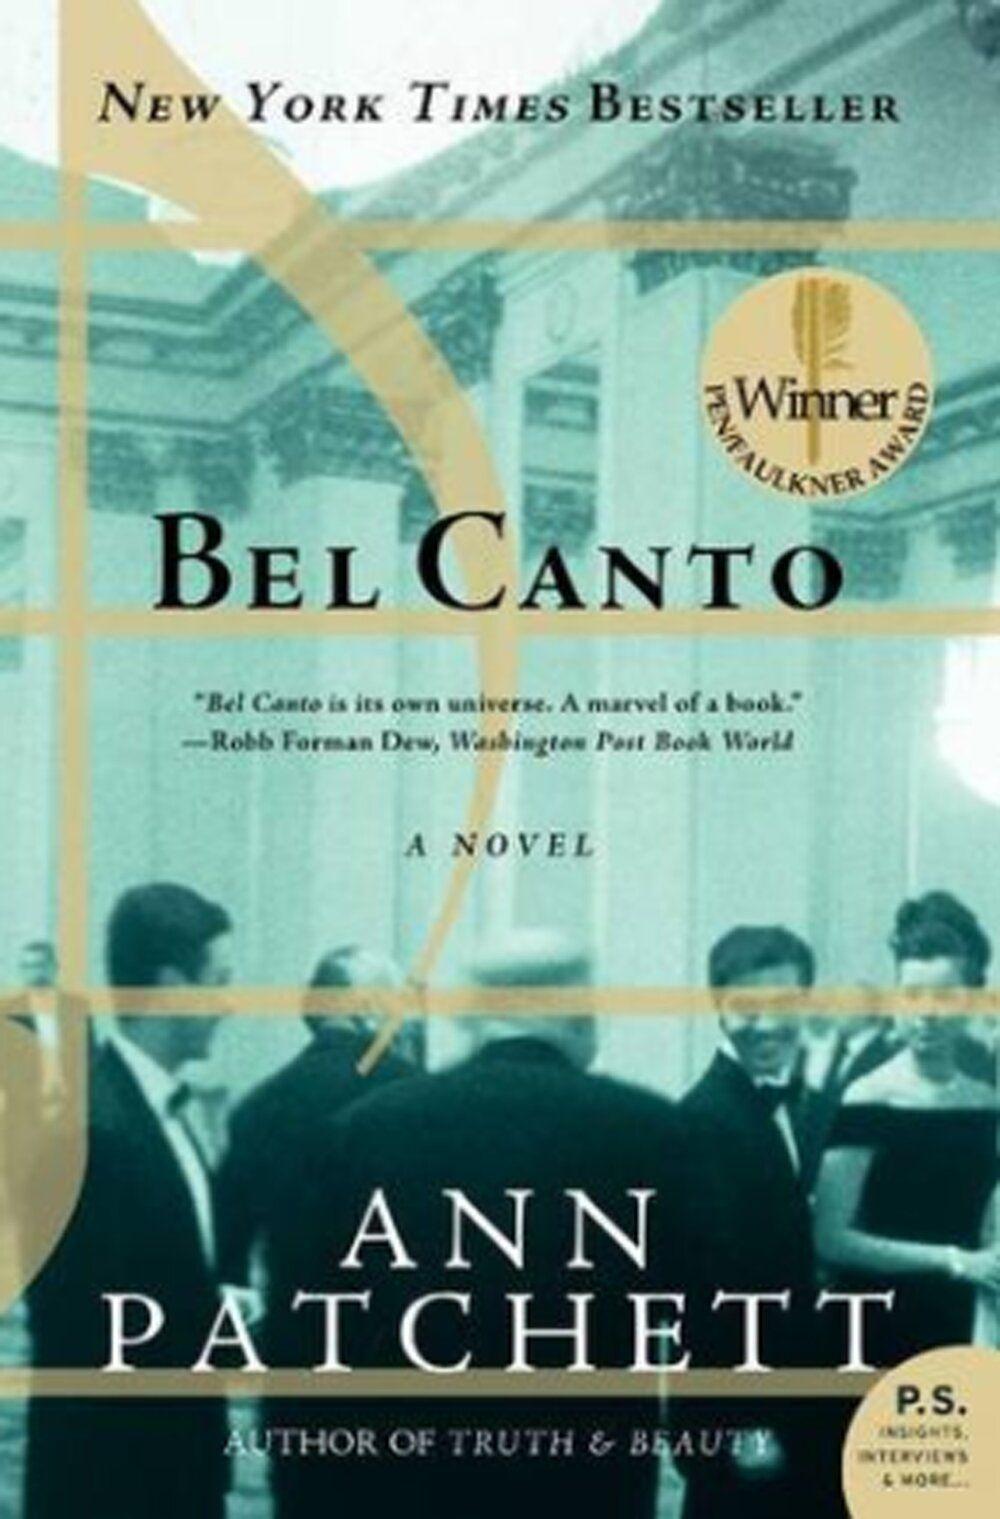 Ann Patchett Bel Canto Club De Lectura Libros Buenos Libros Para Leer